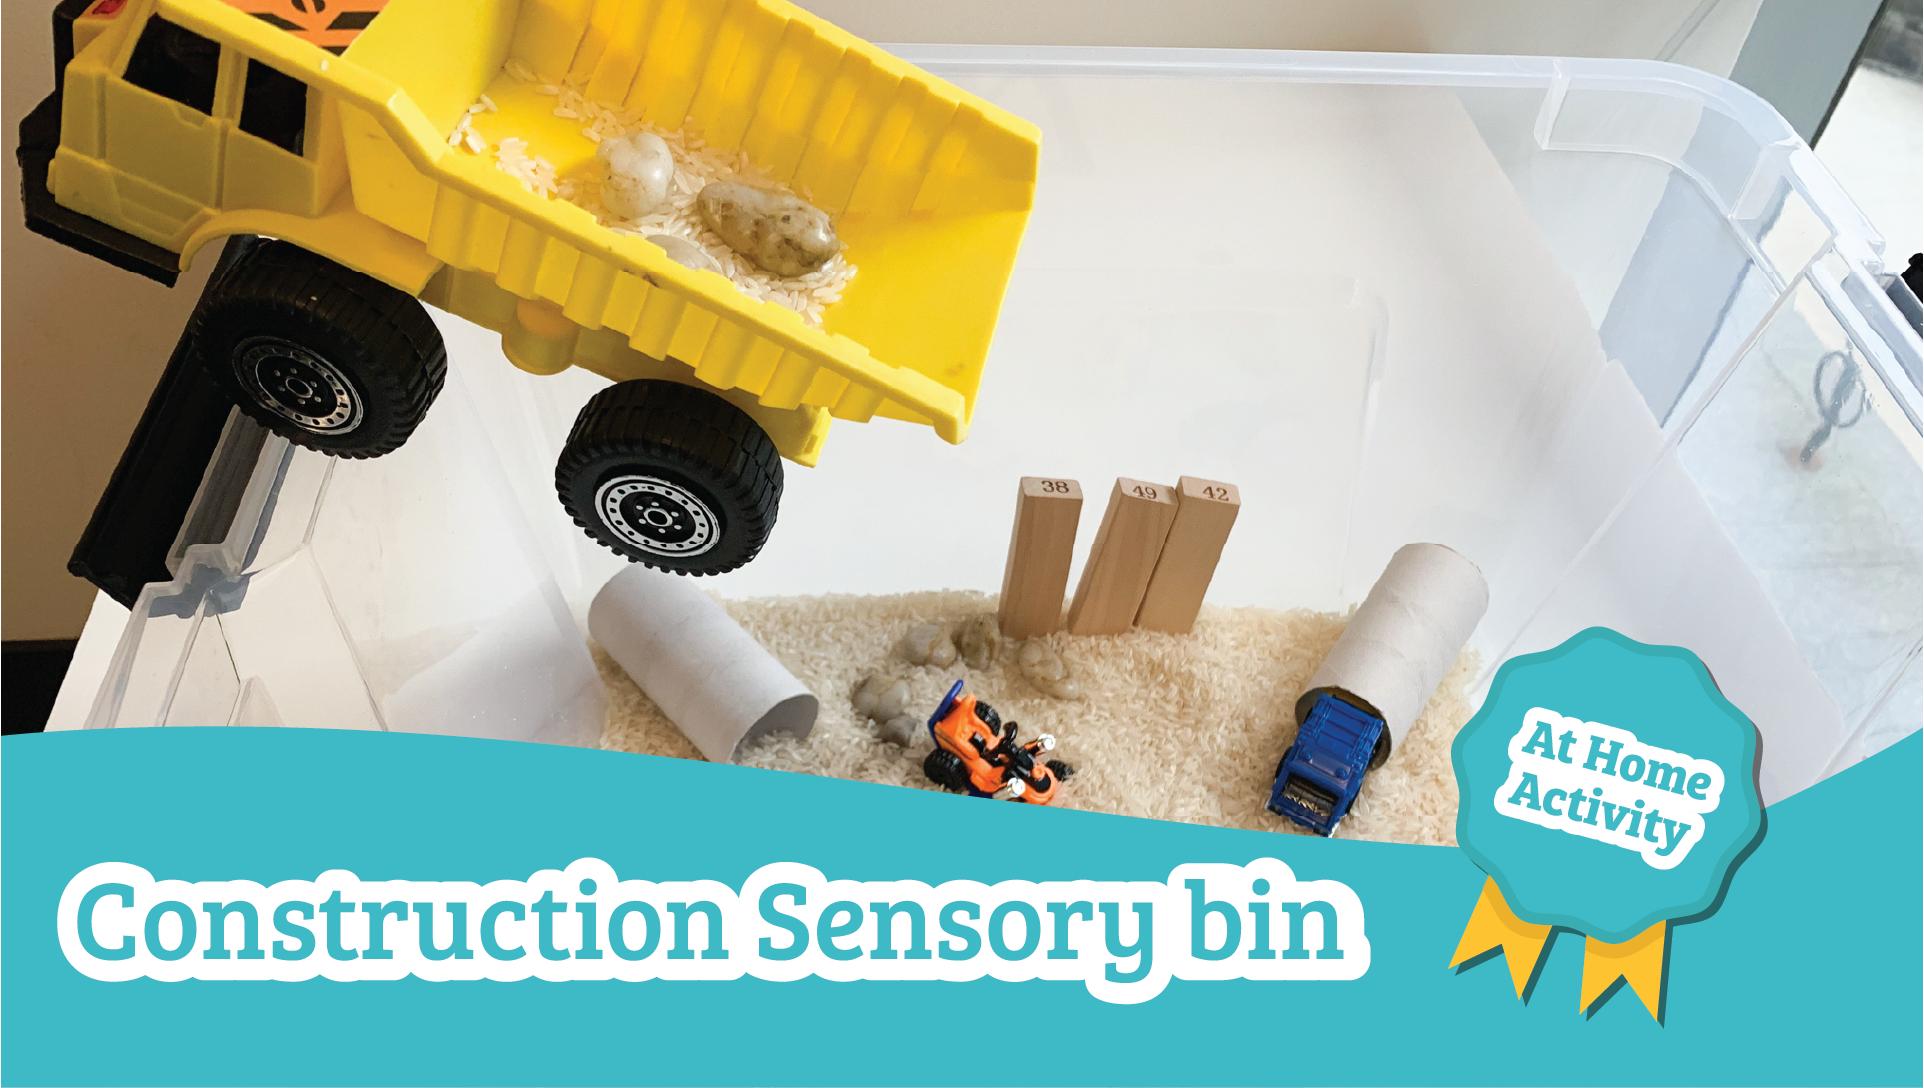 construction bin sensory activity